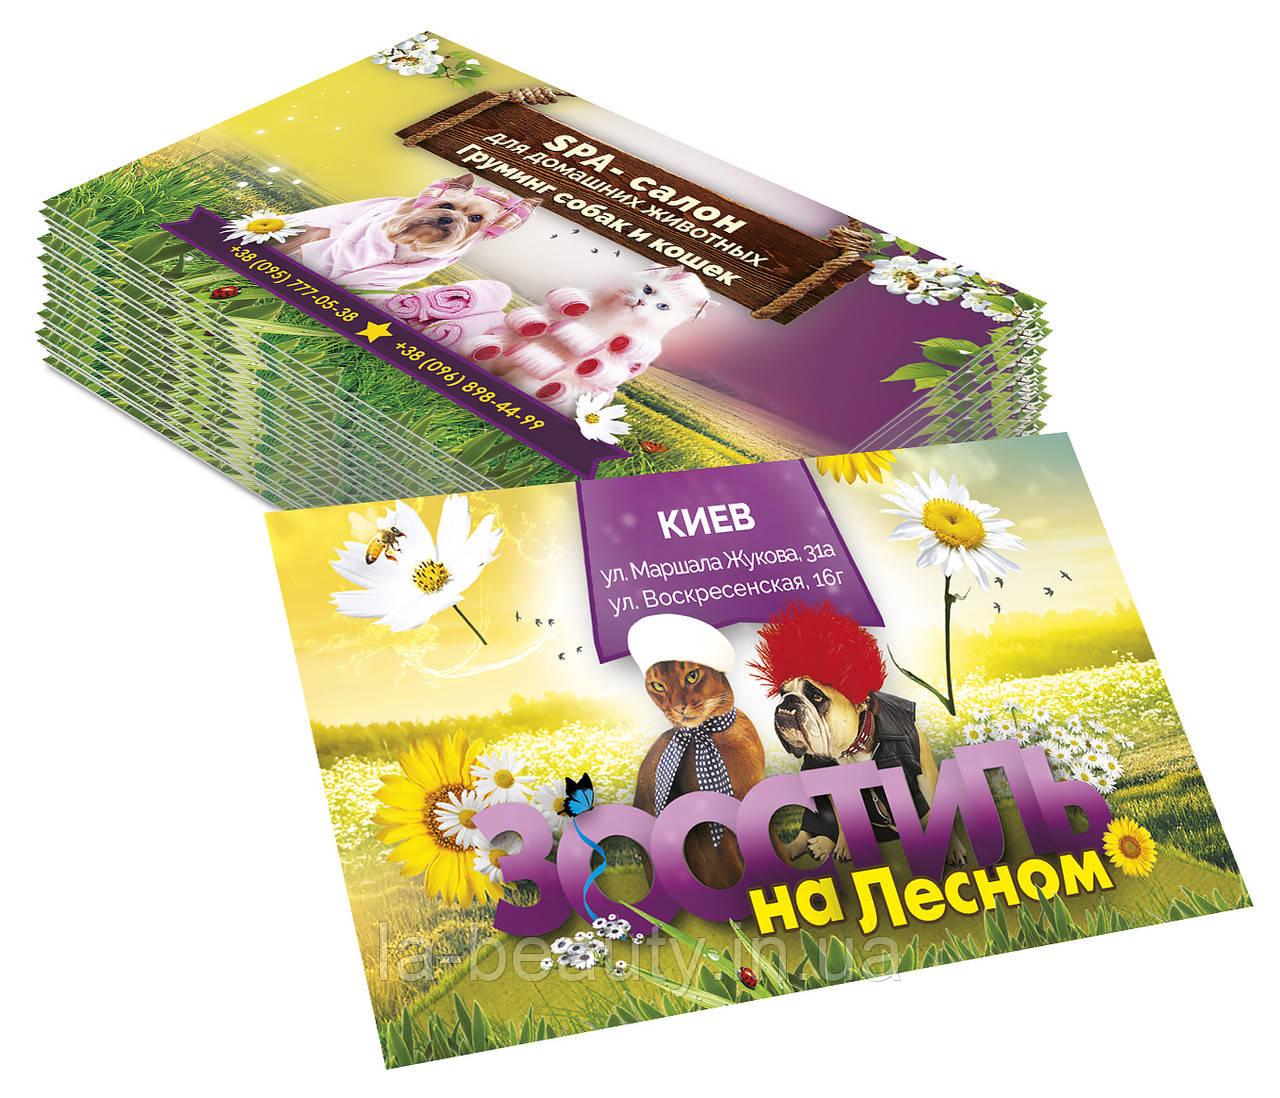 Дизайн визиток зоо (груминг) салона красоты для животных Зоостиль